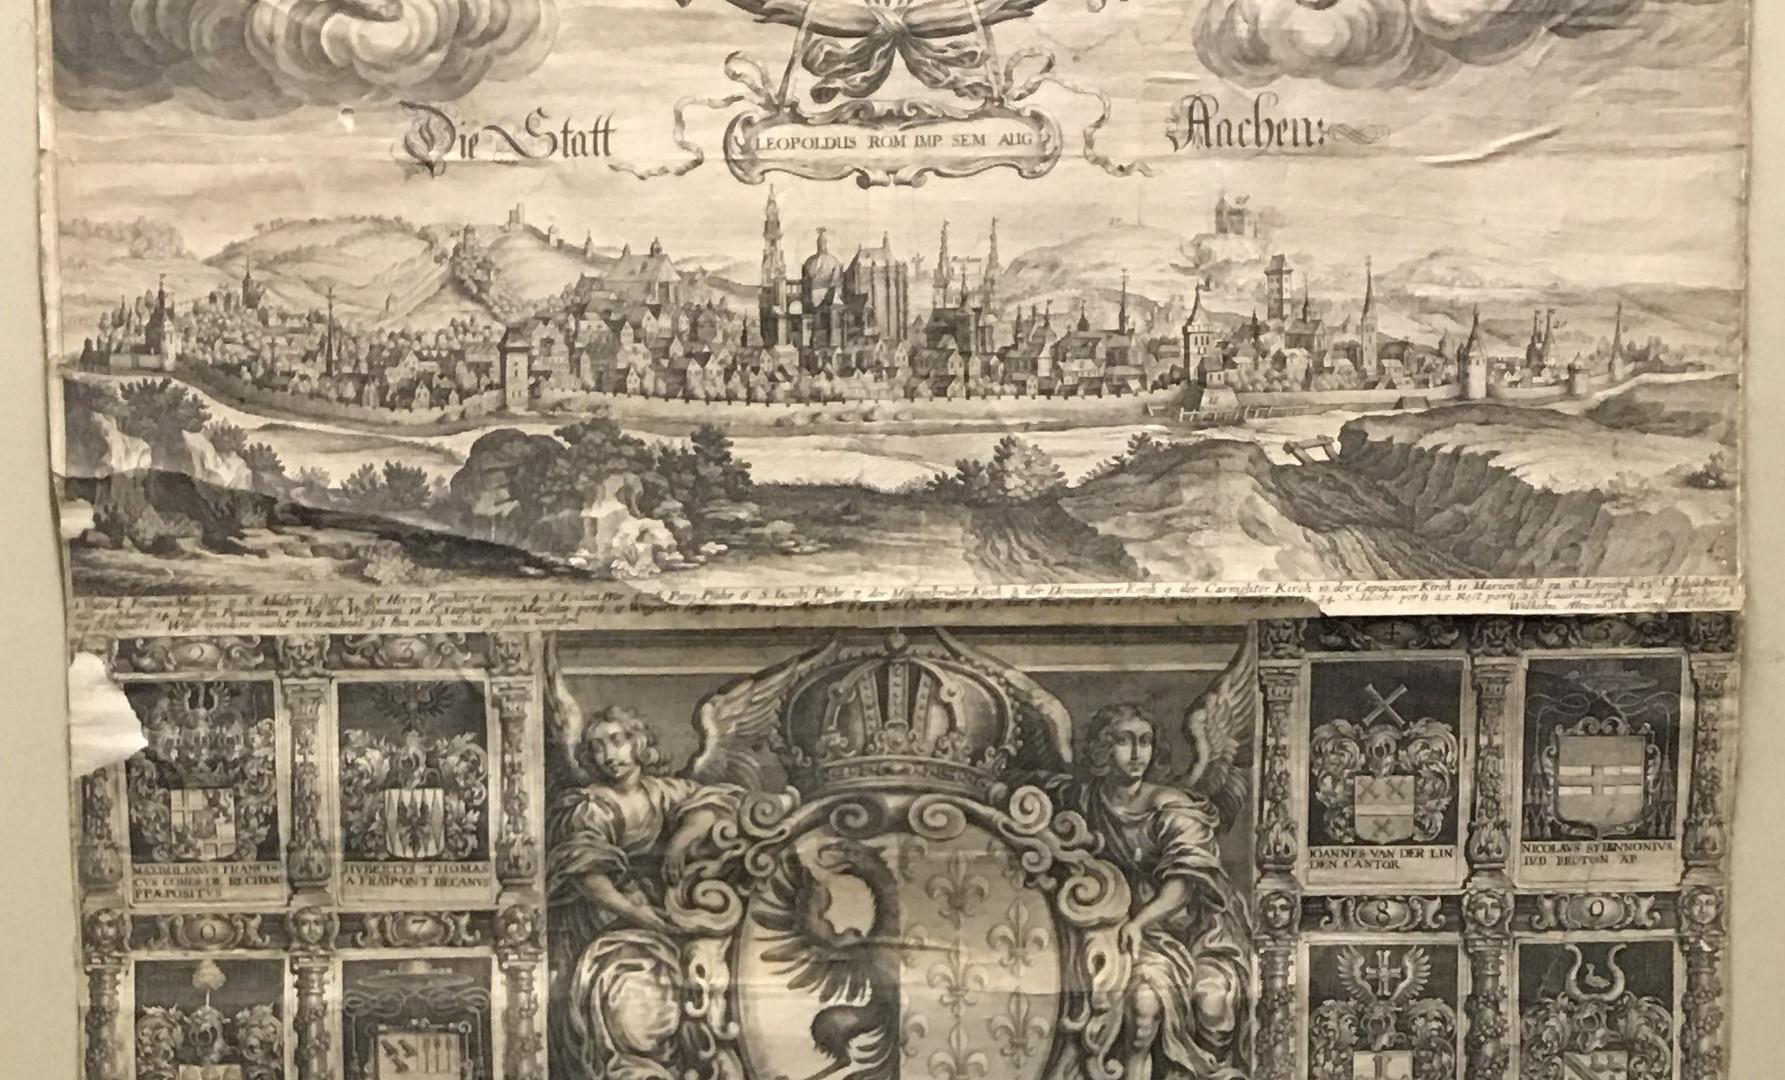 Wilhelm Altzenbach.  DIE STATT AACHEN. No date, circa 1678, Cologne, double folio (570mm x 1170mm), intaglio engraving, bird's eye view of Aachen linen-backed.